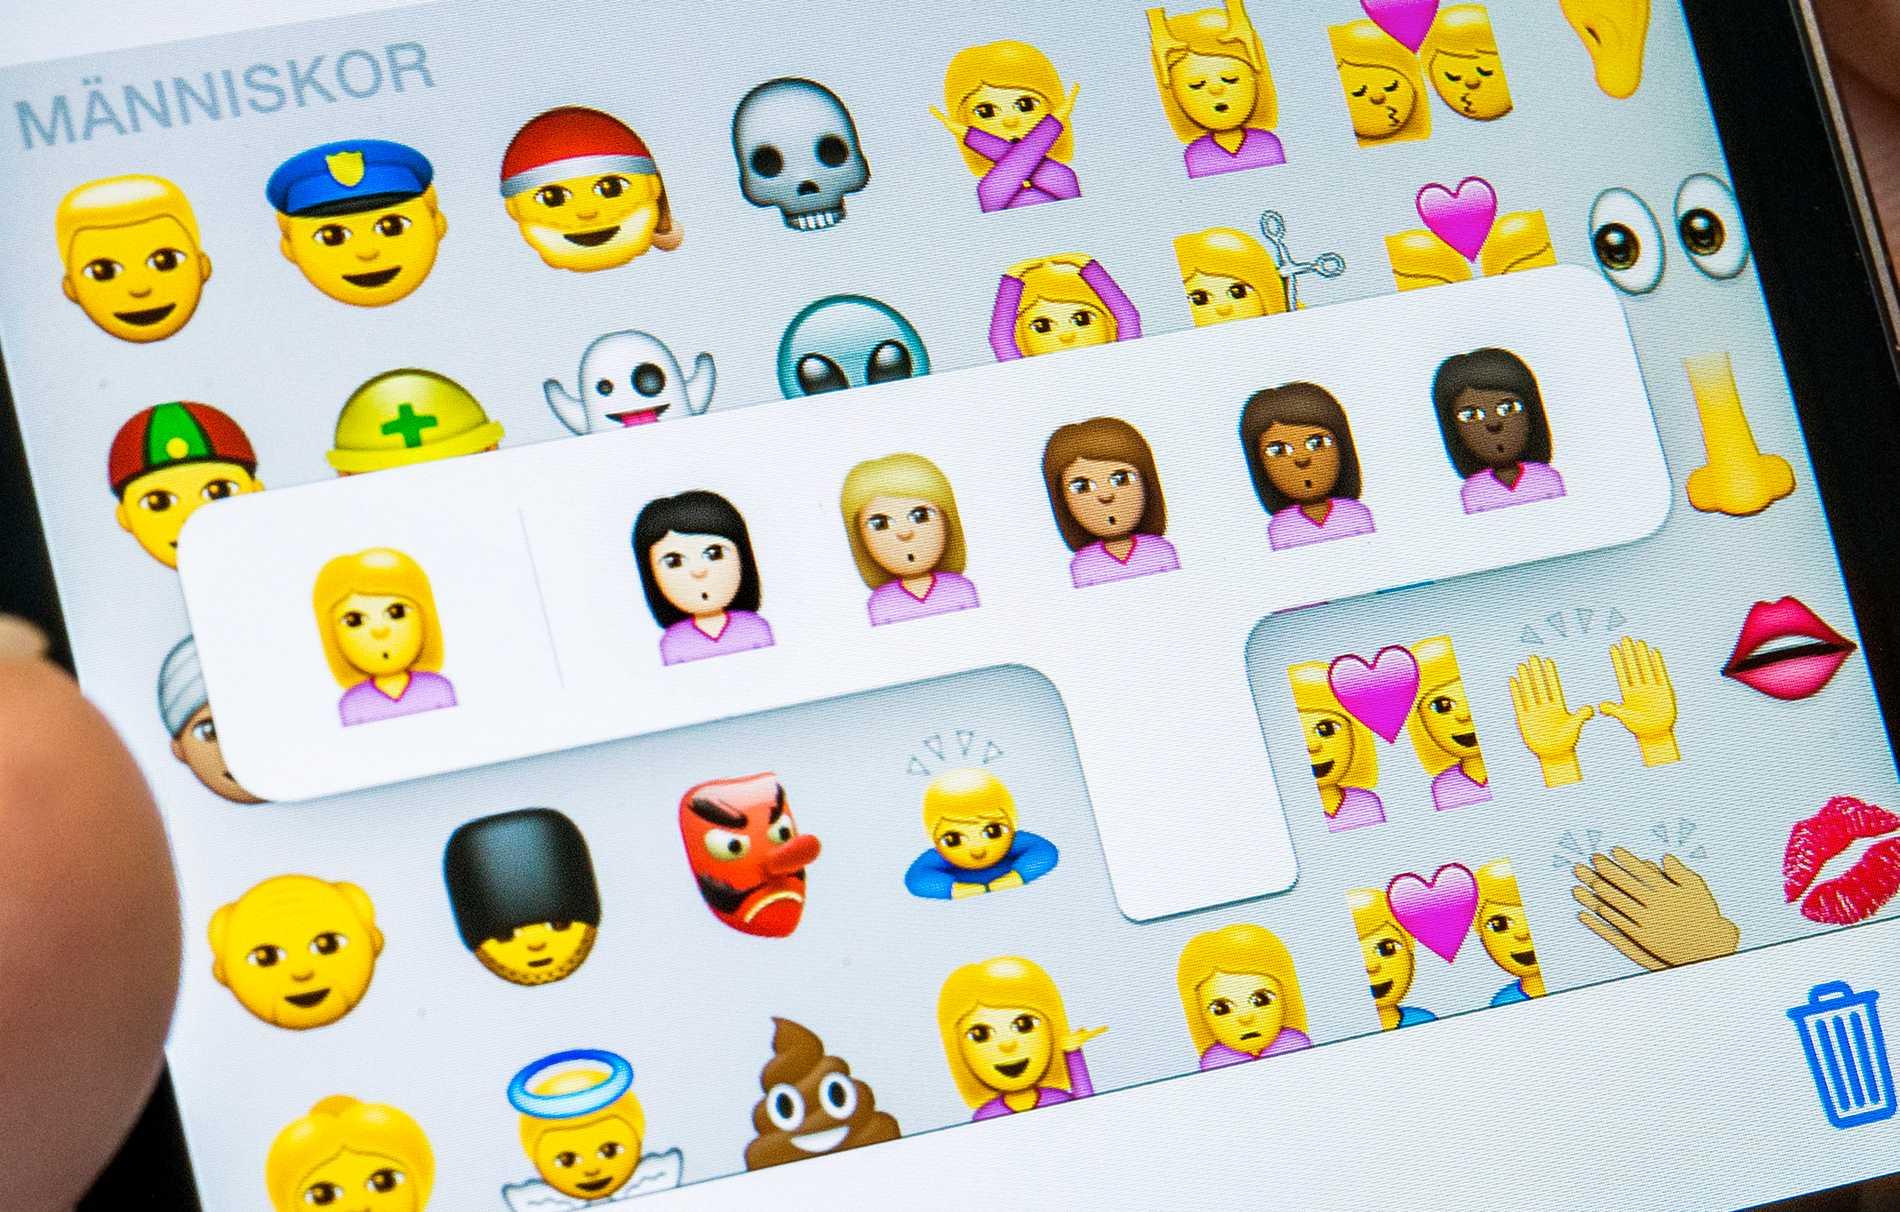 Nya symboler är på gång med fler hudfärgsalternativ för amorösa emojier. Arkivbild.